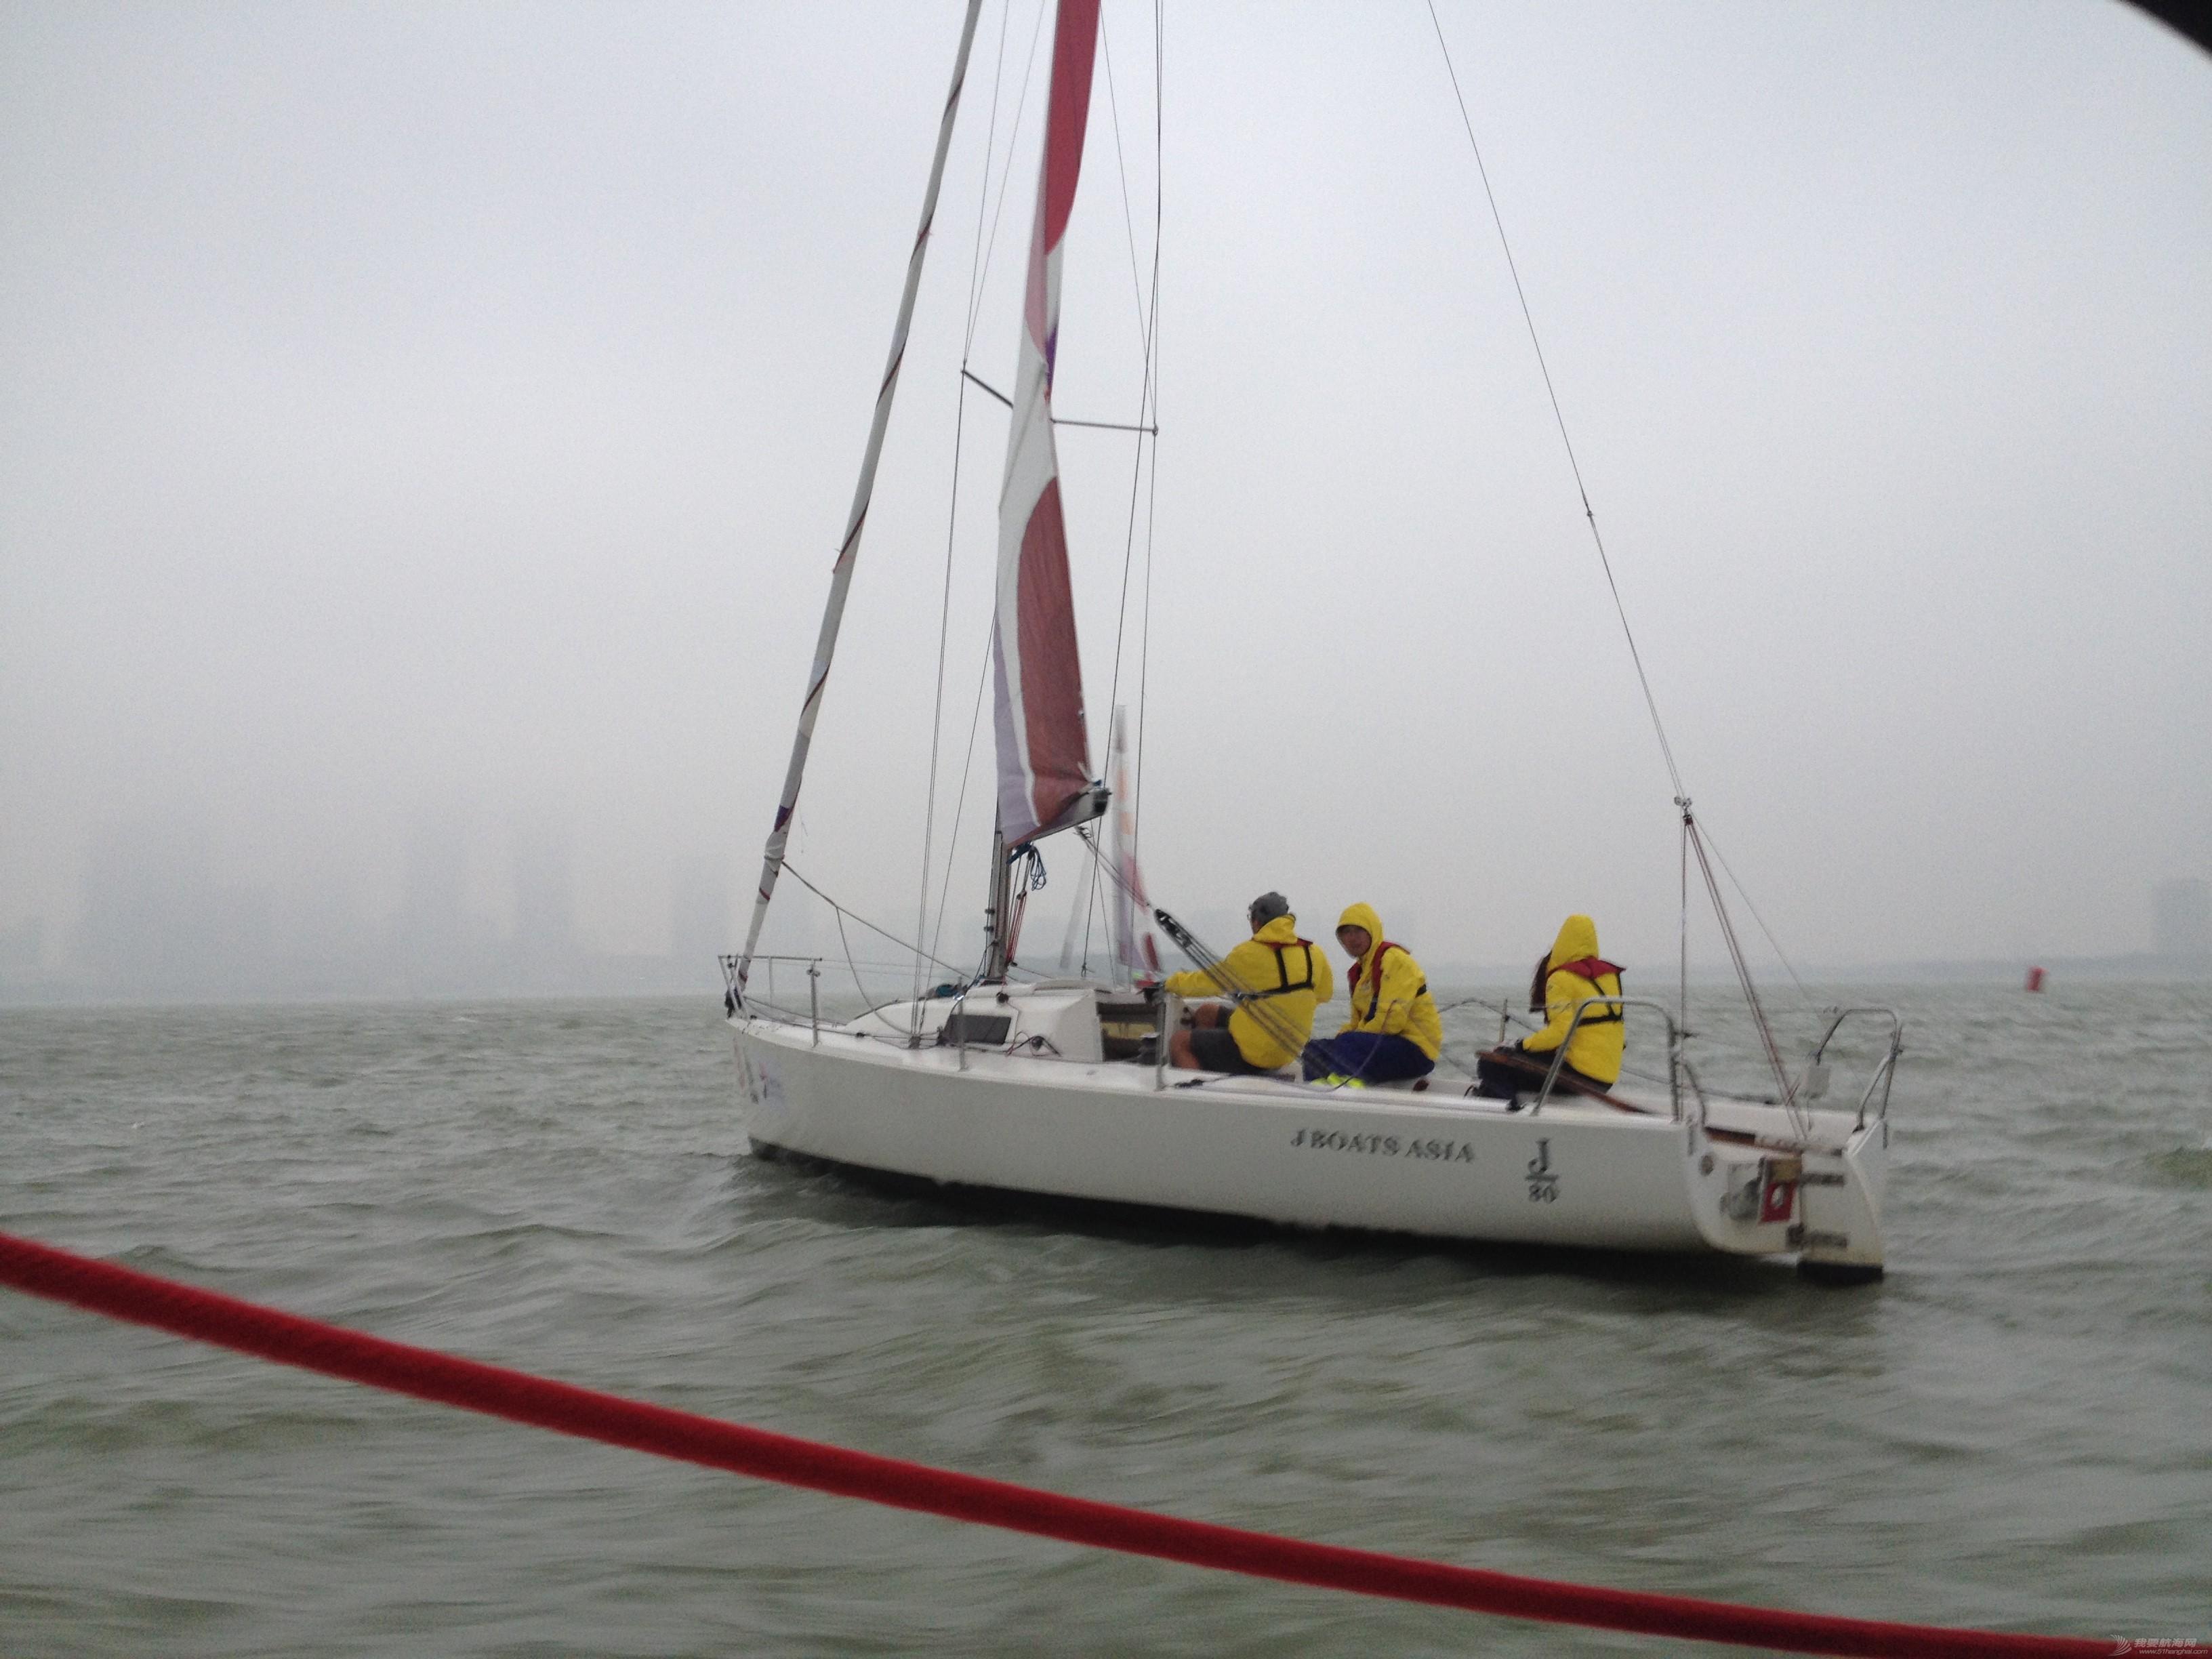 金鸡,苏州 苏州金鸡湖帆船赛-我的处女赛 IMG_2772.JPG